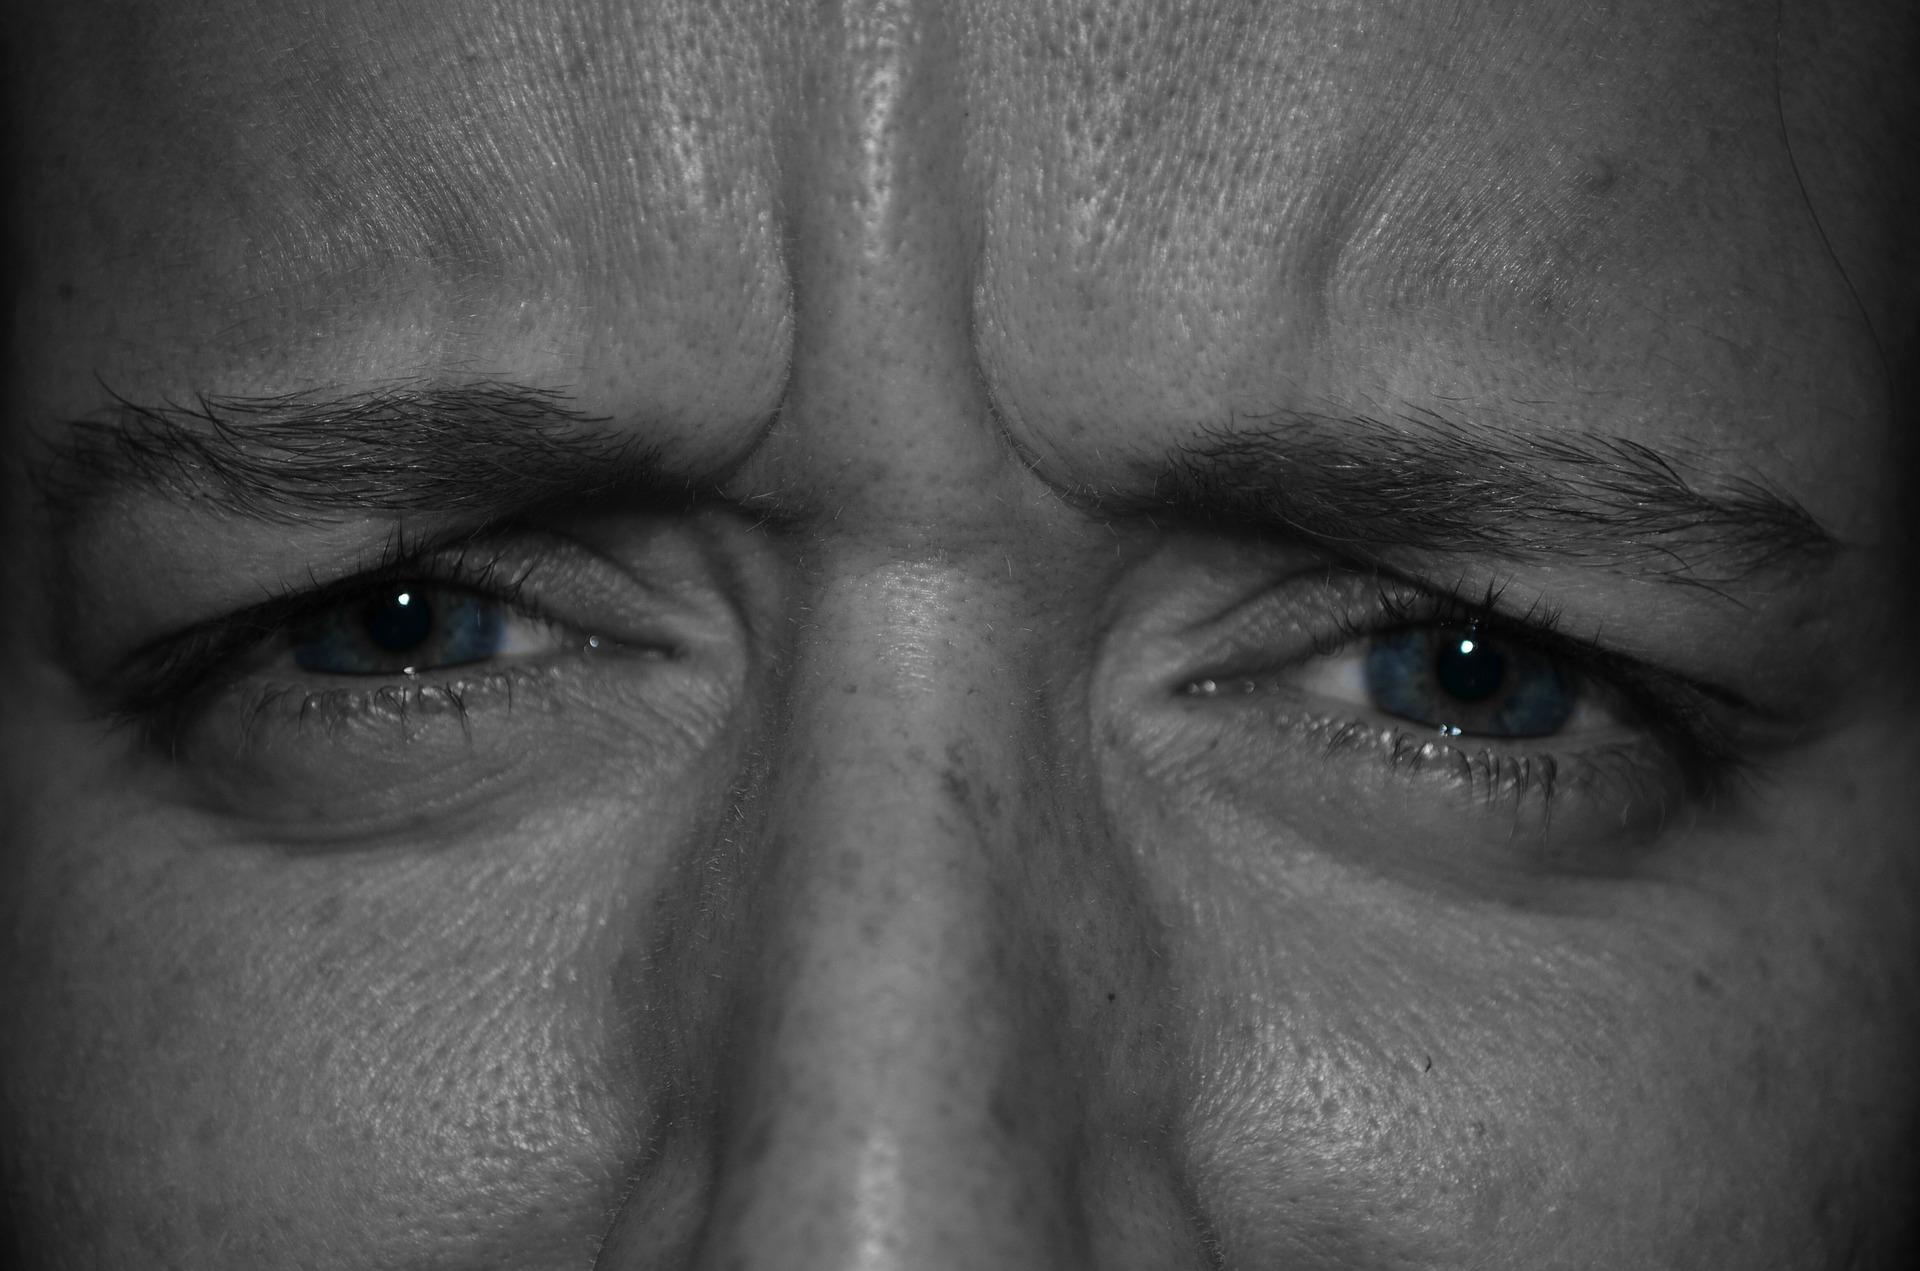 arrugas de expresión